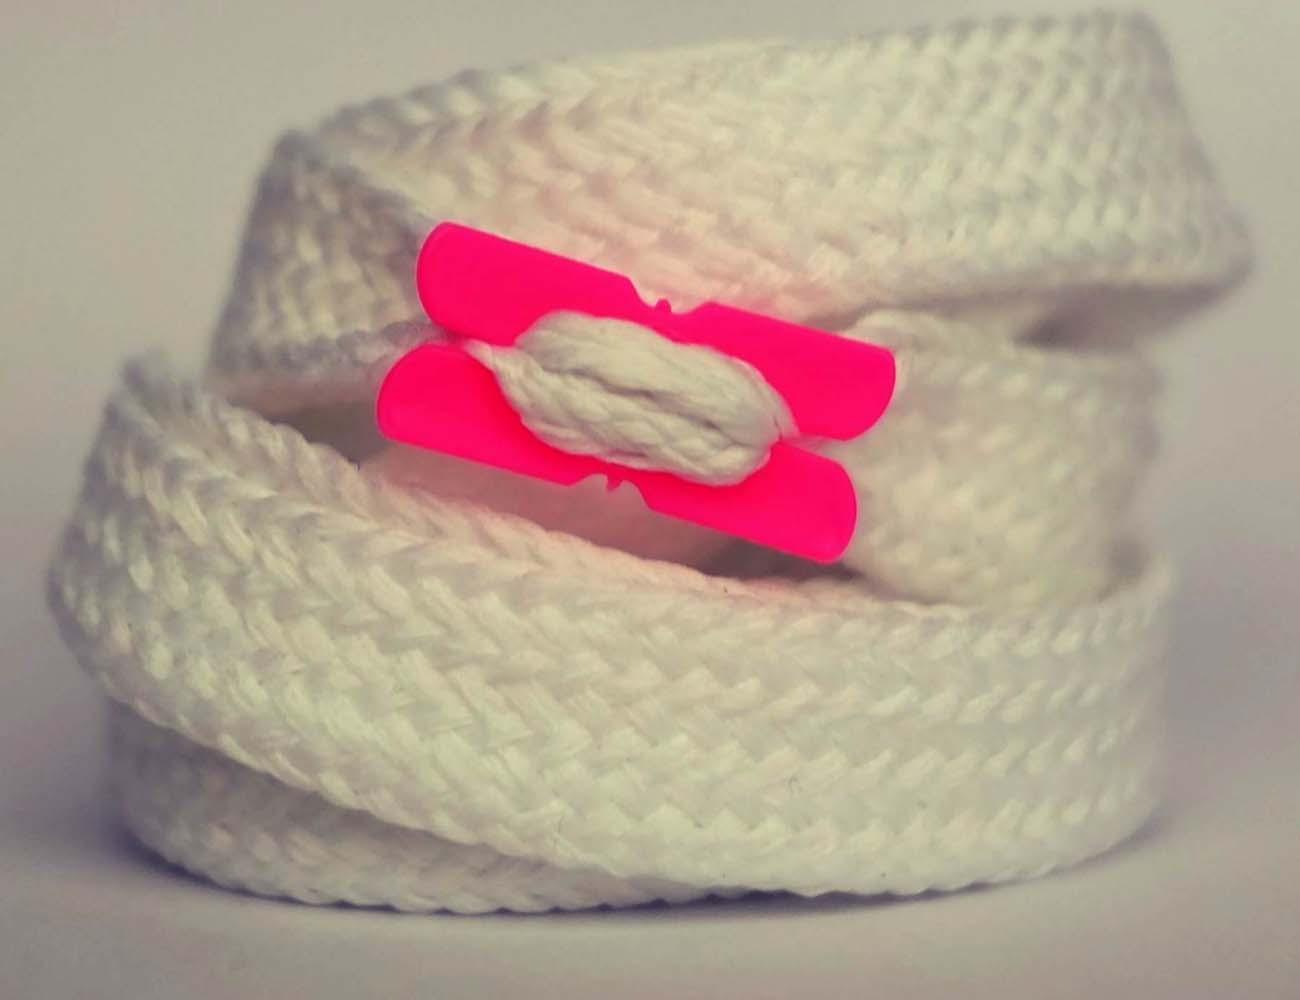 Innie Shoelace Fastener